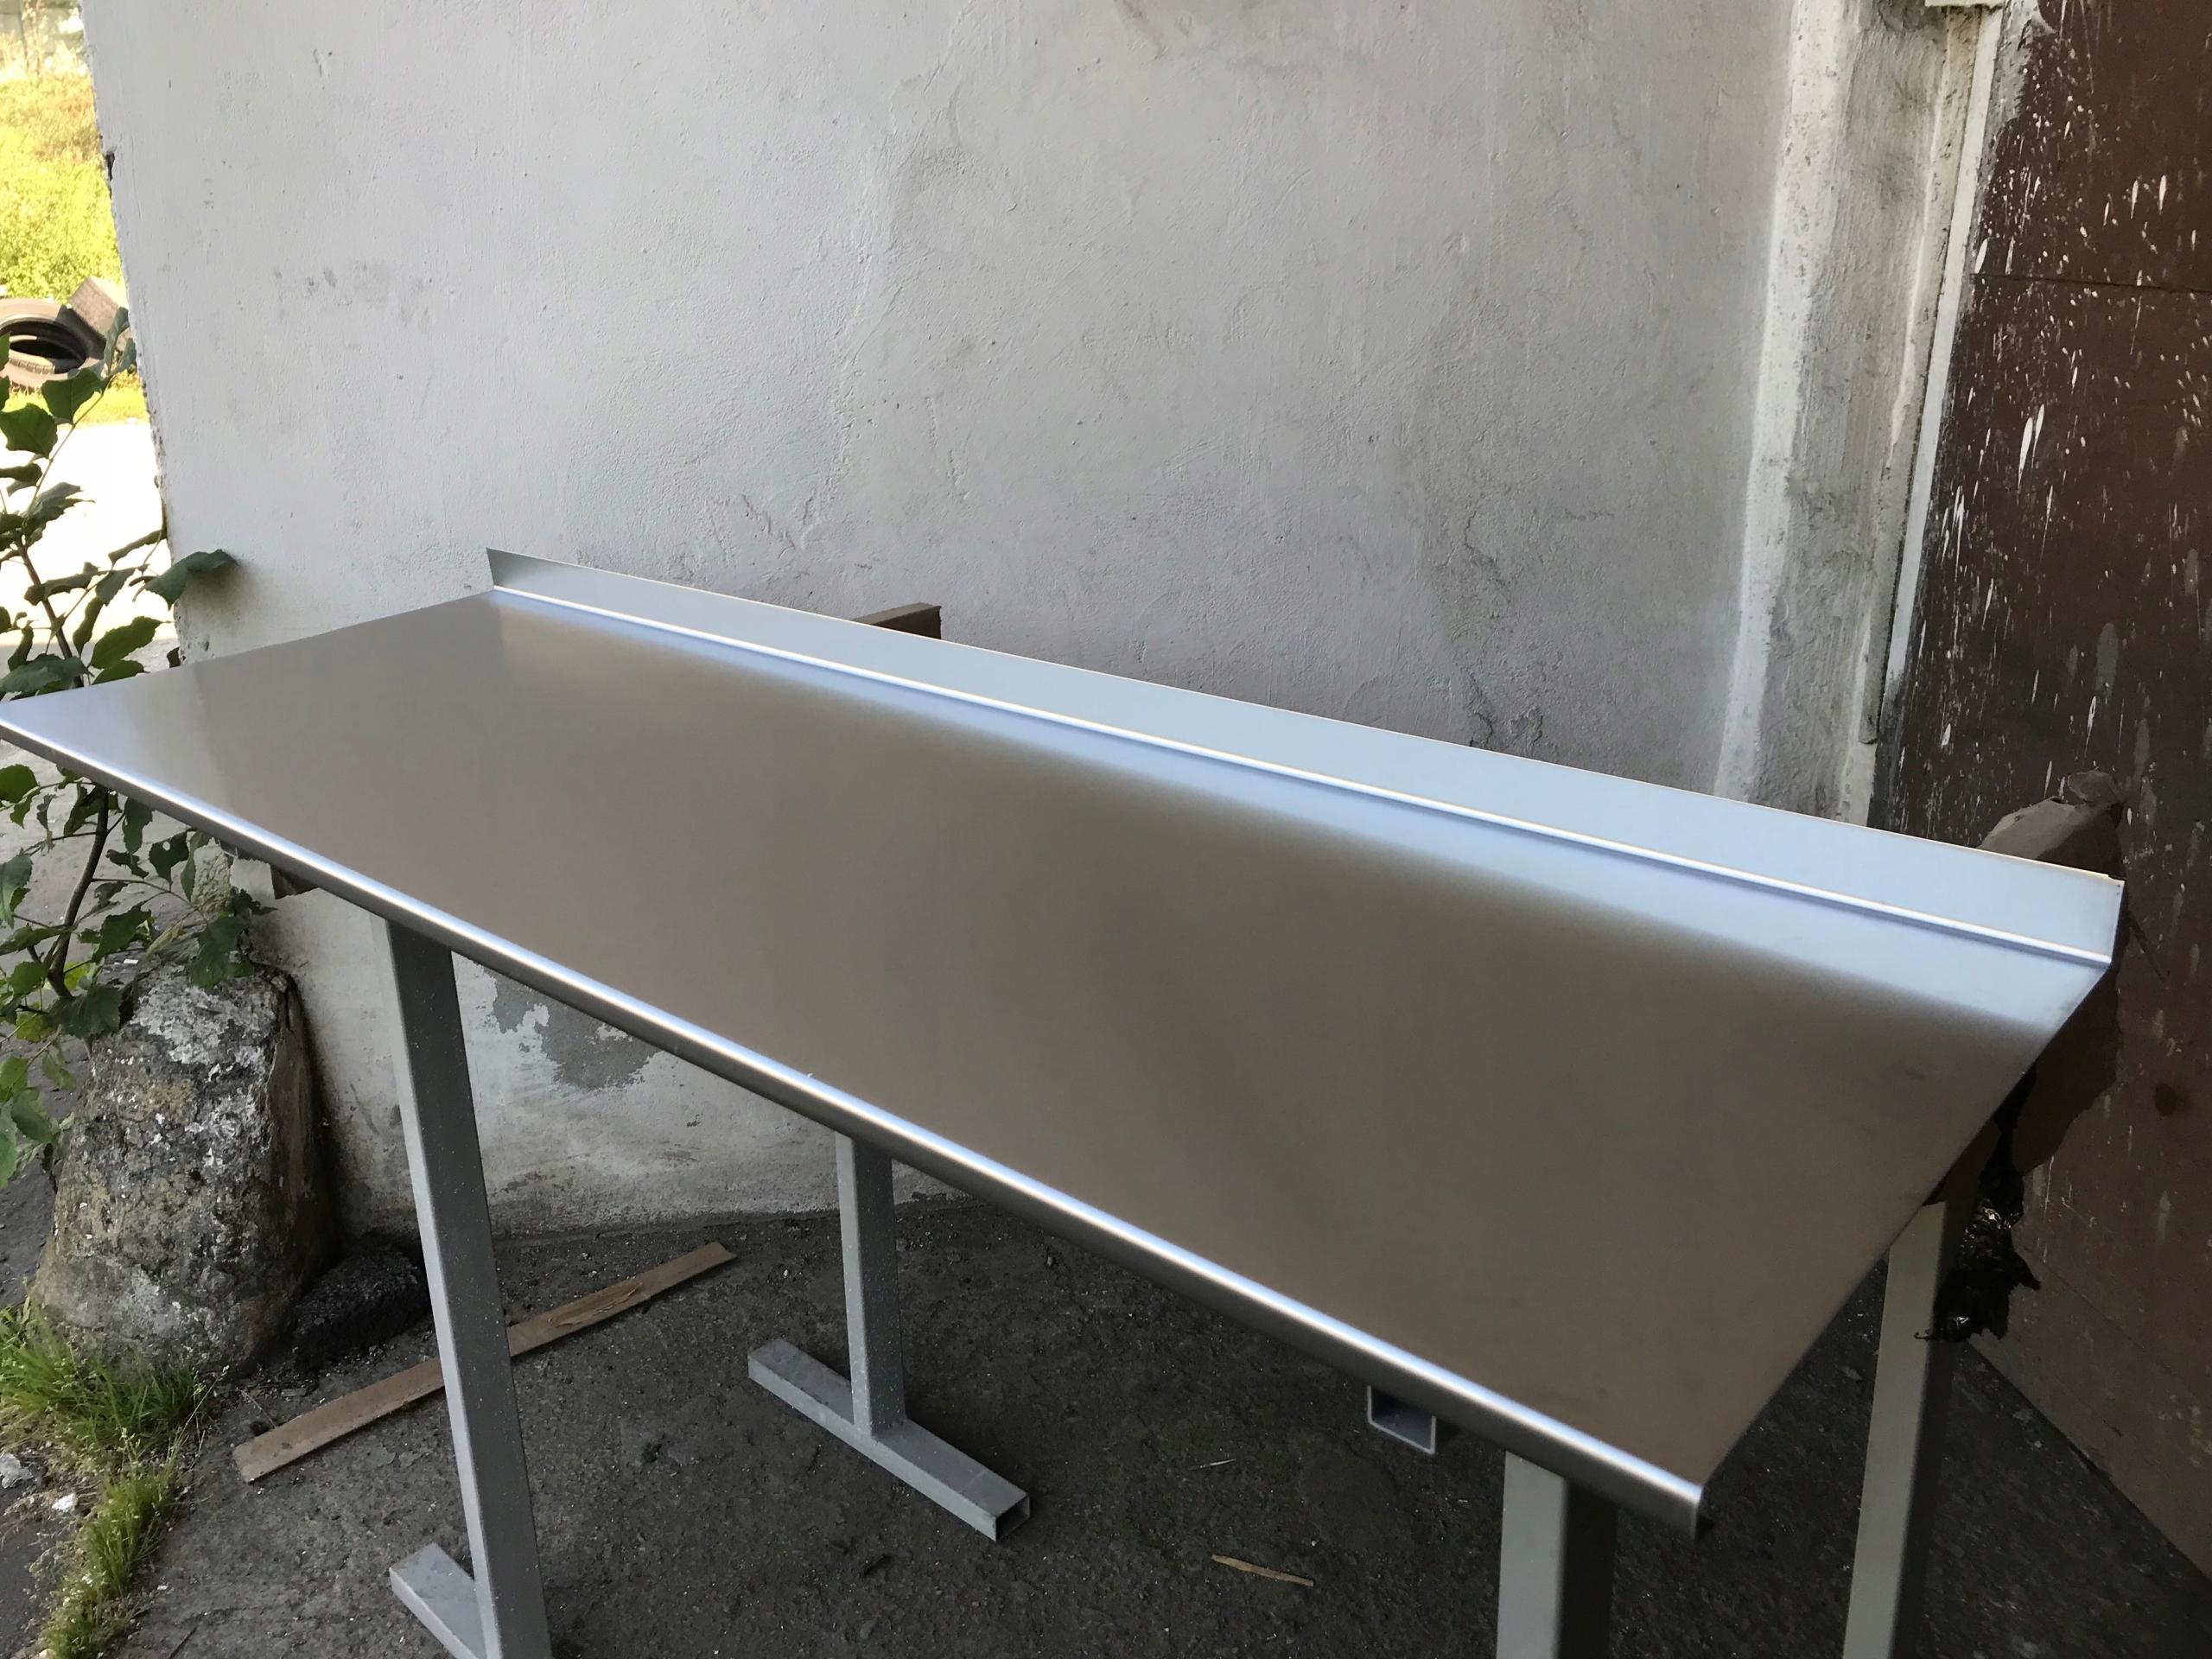 Modernistyczne Blat ze stali nierdzewnej 150x50cm Nakładka PROMO! - 7575951529 TL23